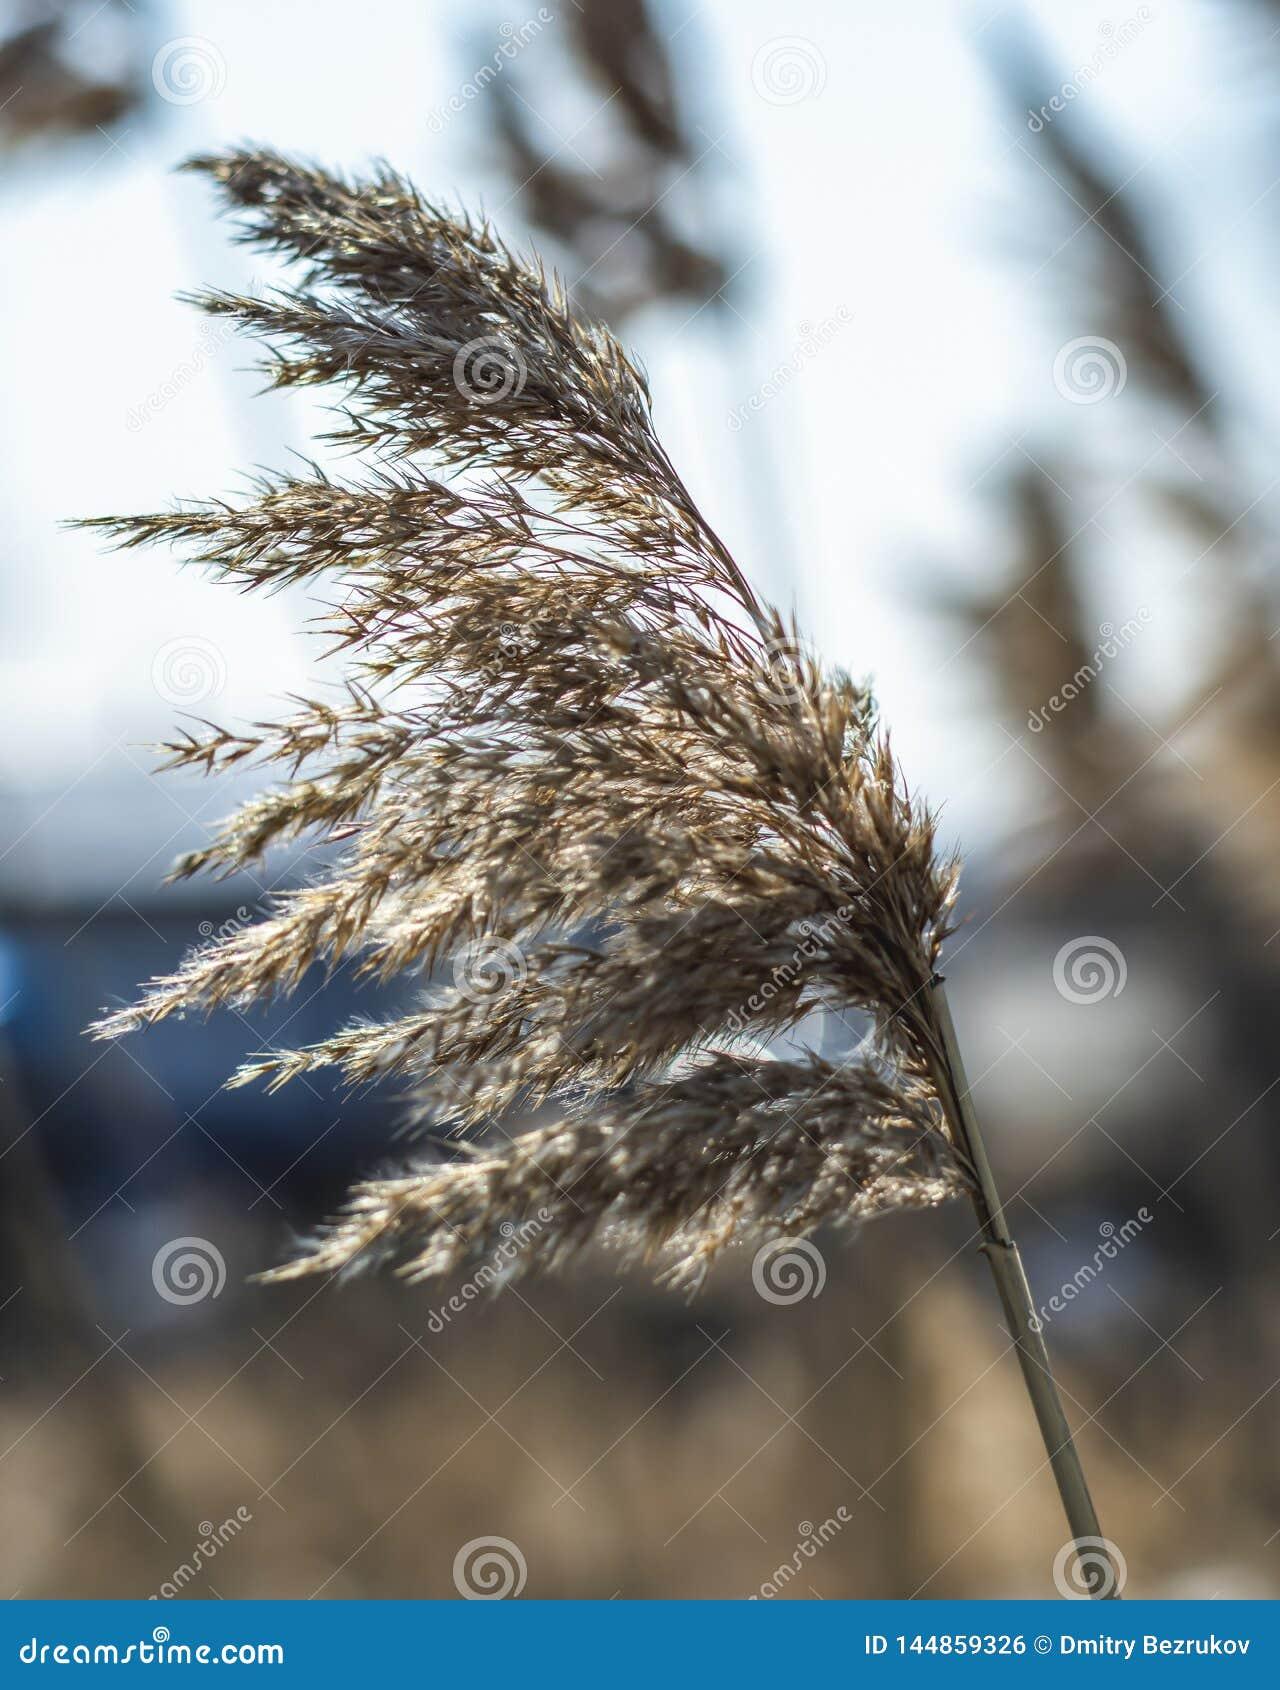 Выборочный мягкий фокус сухой травы, тростника, черенок, в ветре светом, горизонтальная, запачканная предпосылка Природа, весна